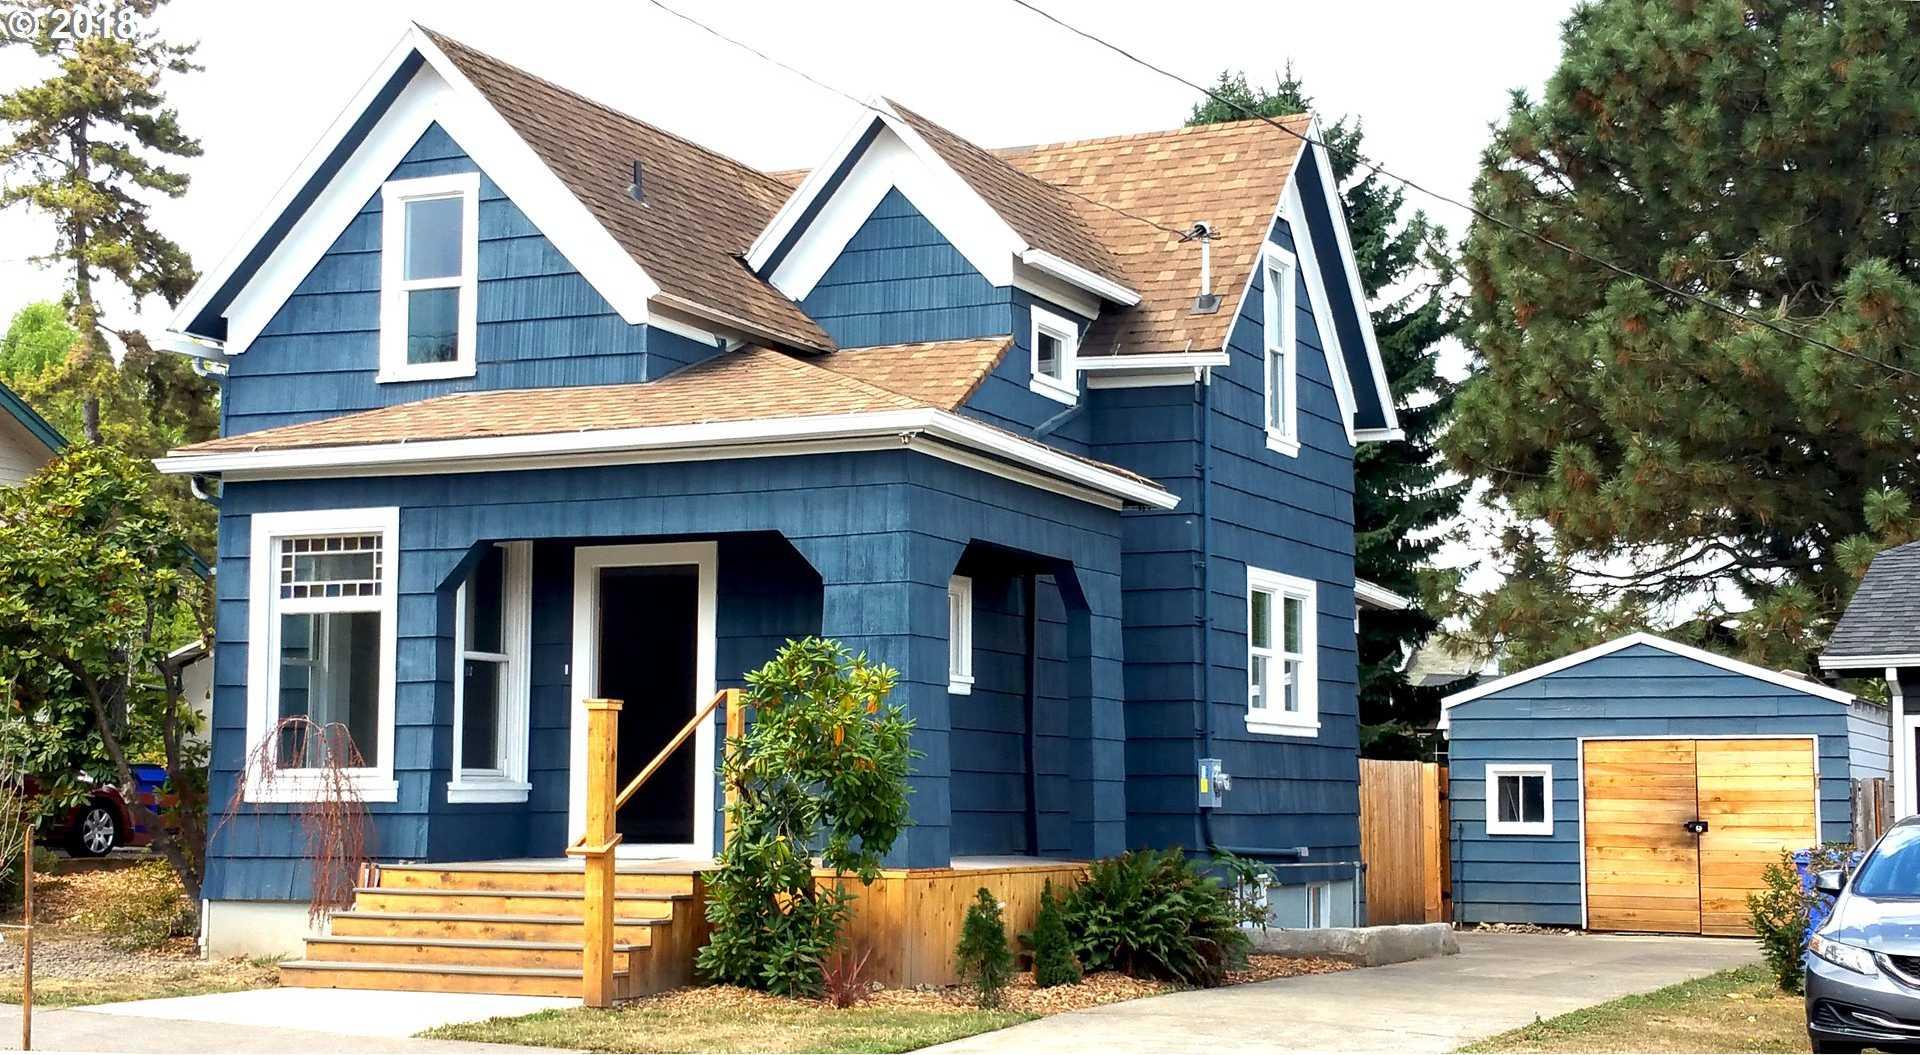 $489,999 - 3Br/3Ba -  for Sale in St. John's, Portland